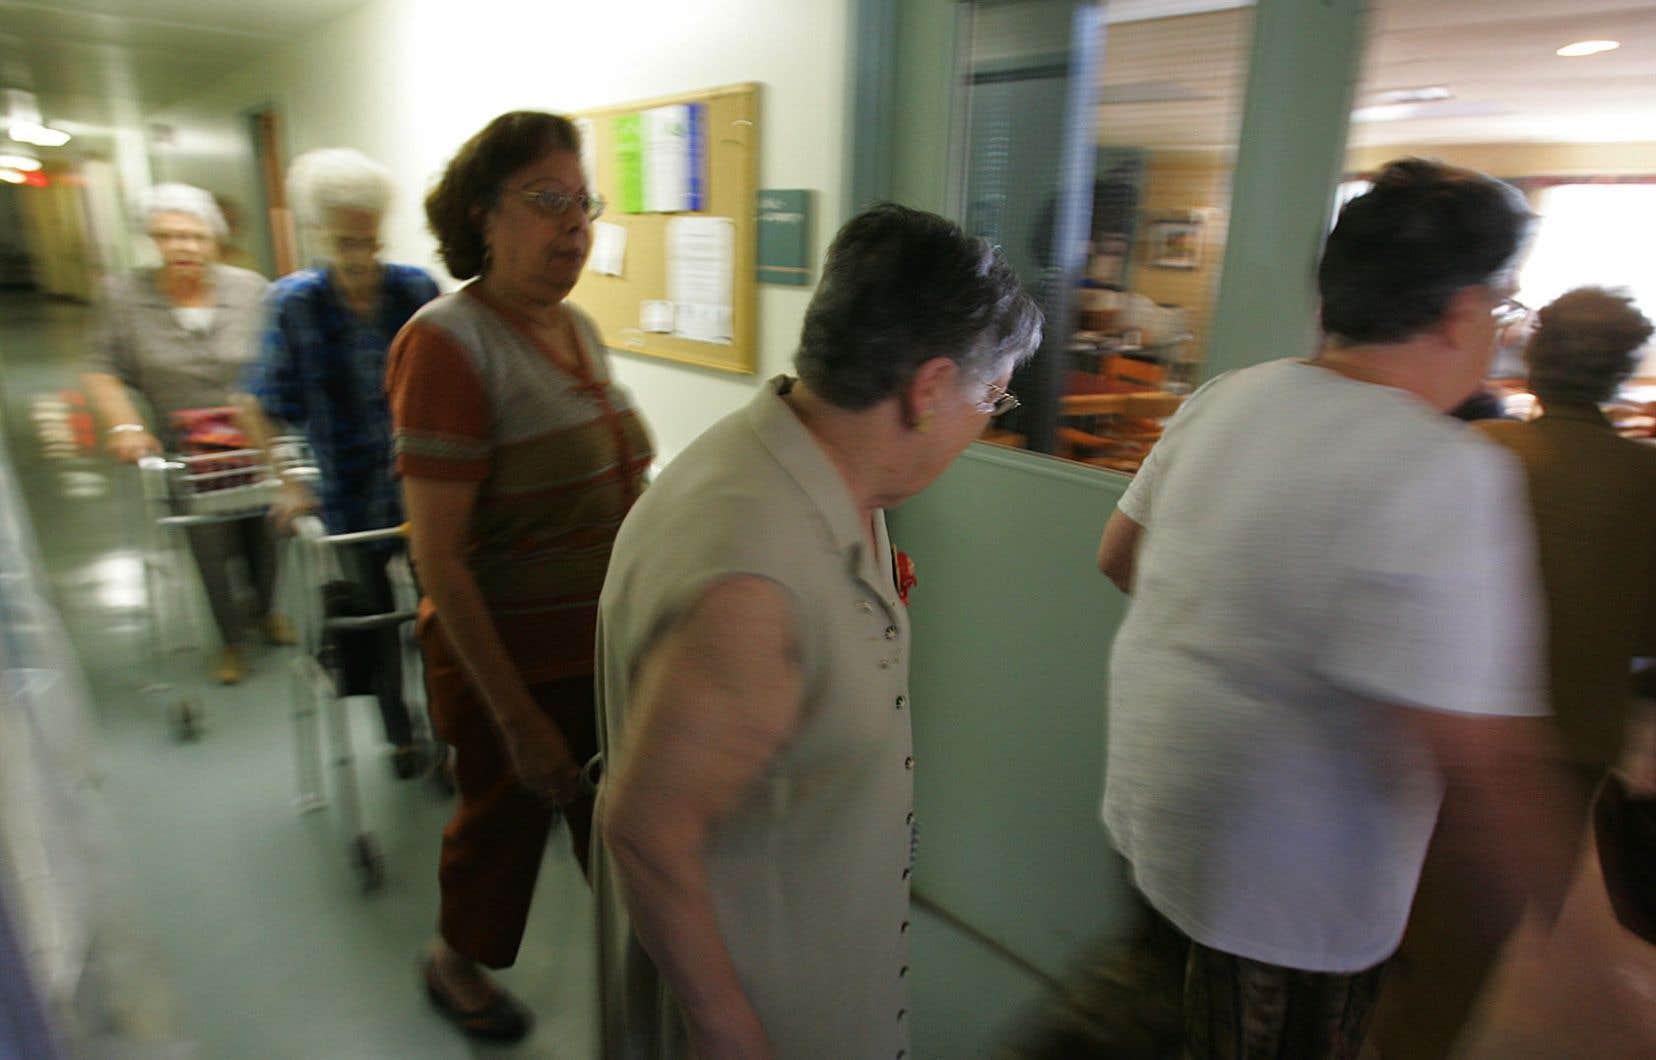 Le Regroupement québécois des résidences pour aînés (RQRA) a fait appel à la Corporation de l'industrie touristique du Québec (CITQ) pour élaborer un système de classification étoilé à appliquer aux résidences pour aînés.